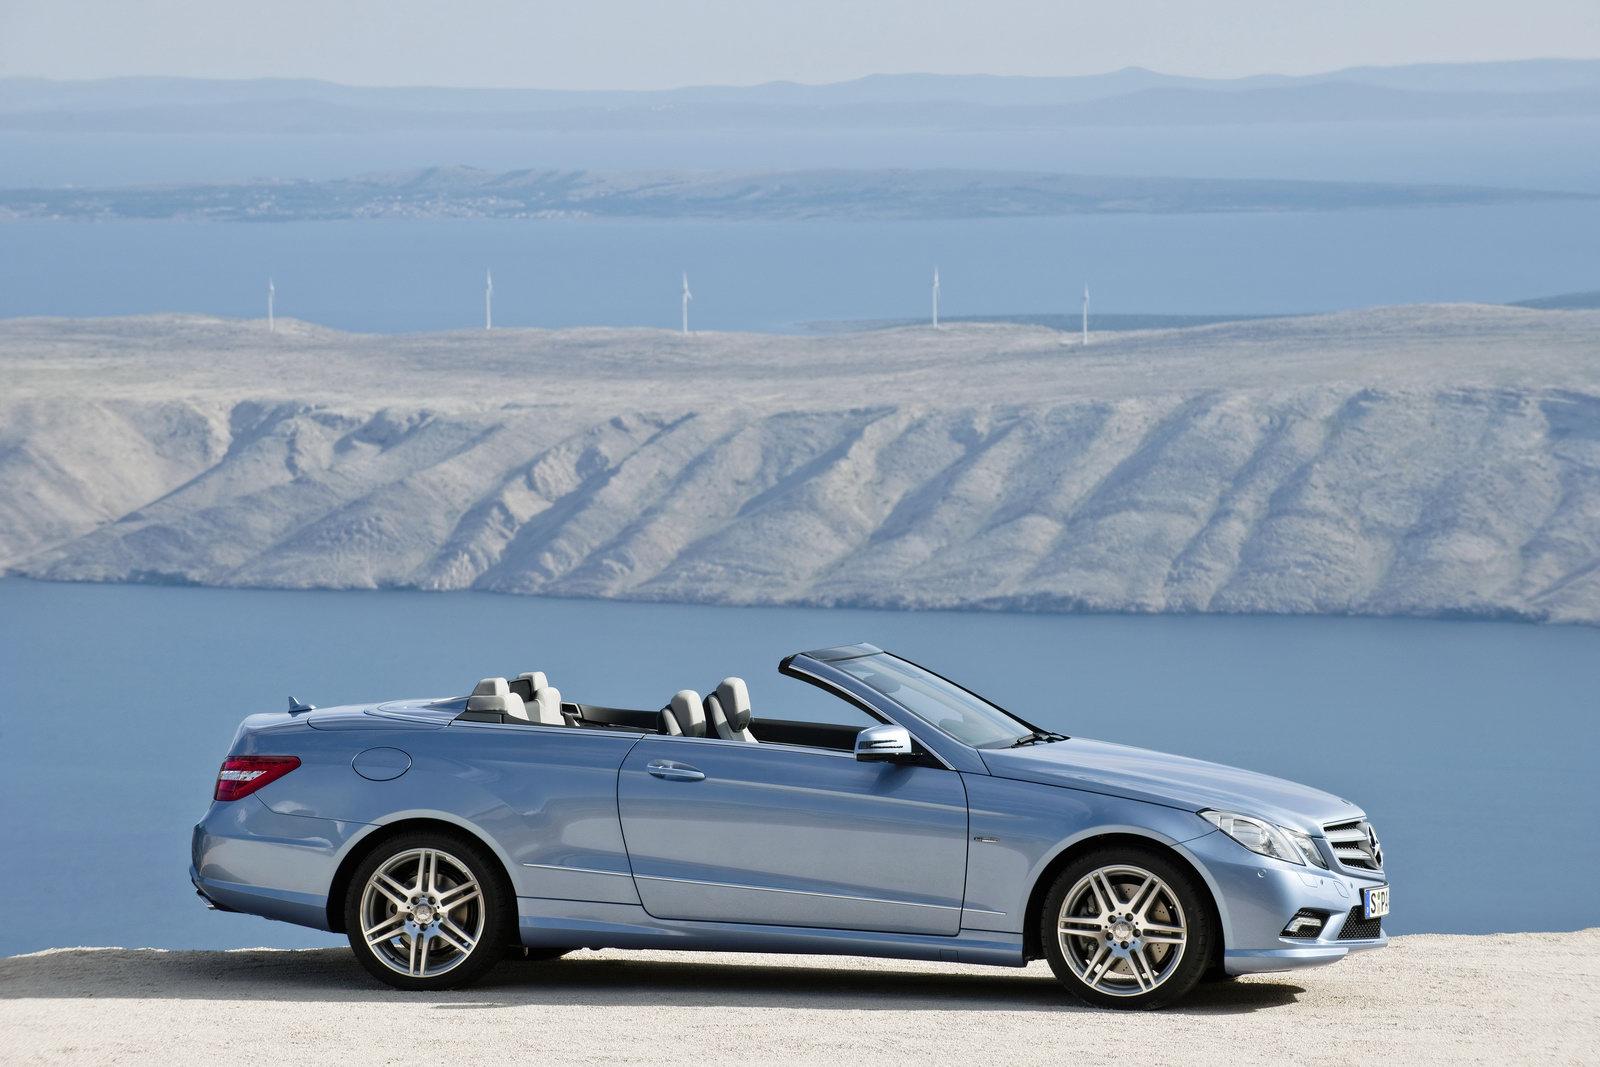 2010 mercedes benz e class convertible officially revealed for Mercedes benz convertible 2010